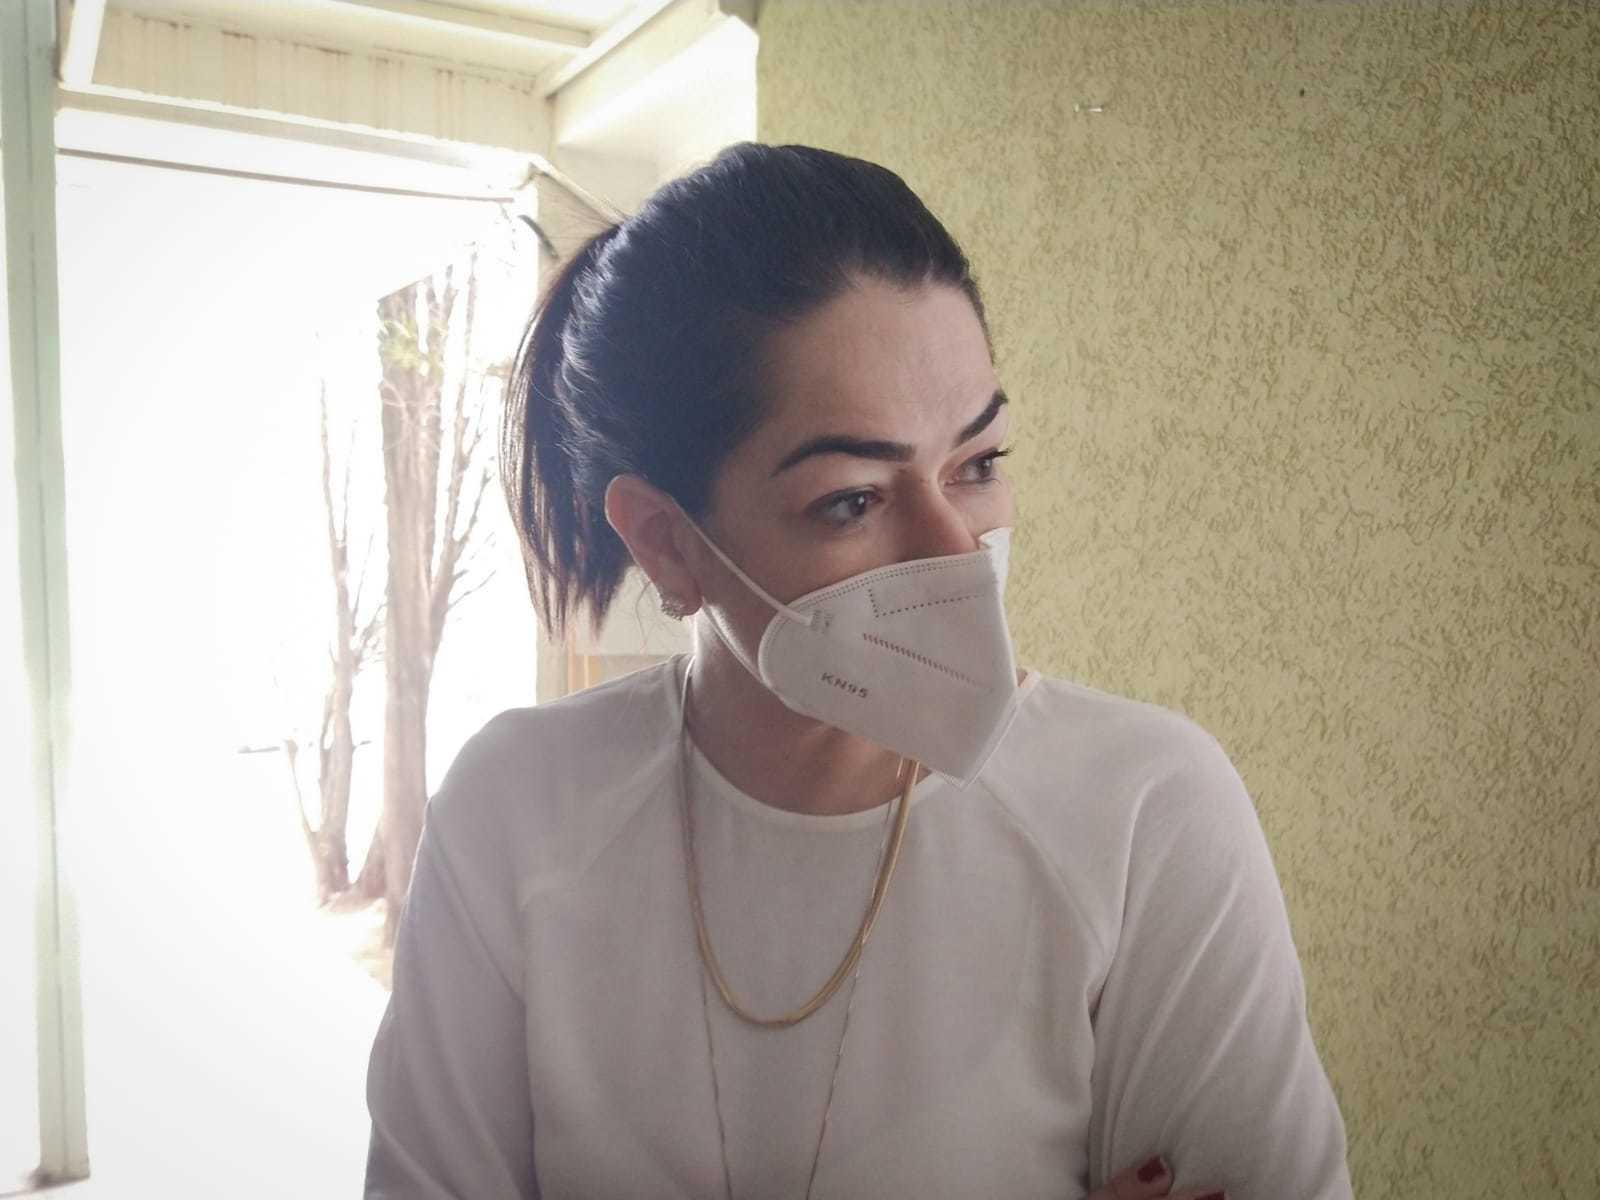 Pediatra, Ana Carolina Nasser vai assumir diretoria técnica do Hospital Pediátrico que abre para suprir demanda de cirurgias. (Foto: Marcos Maluf)